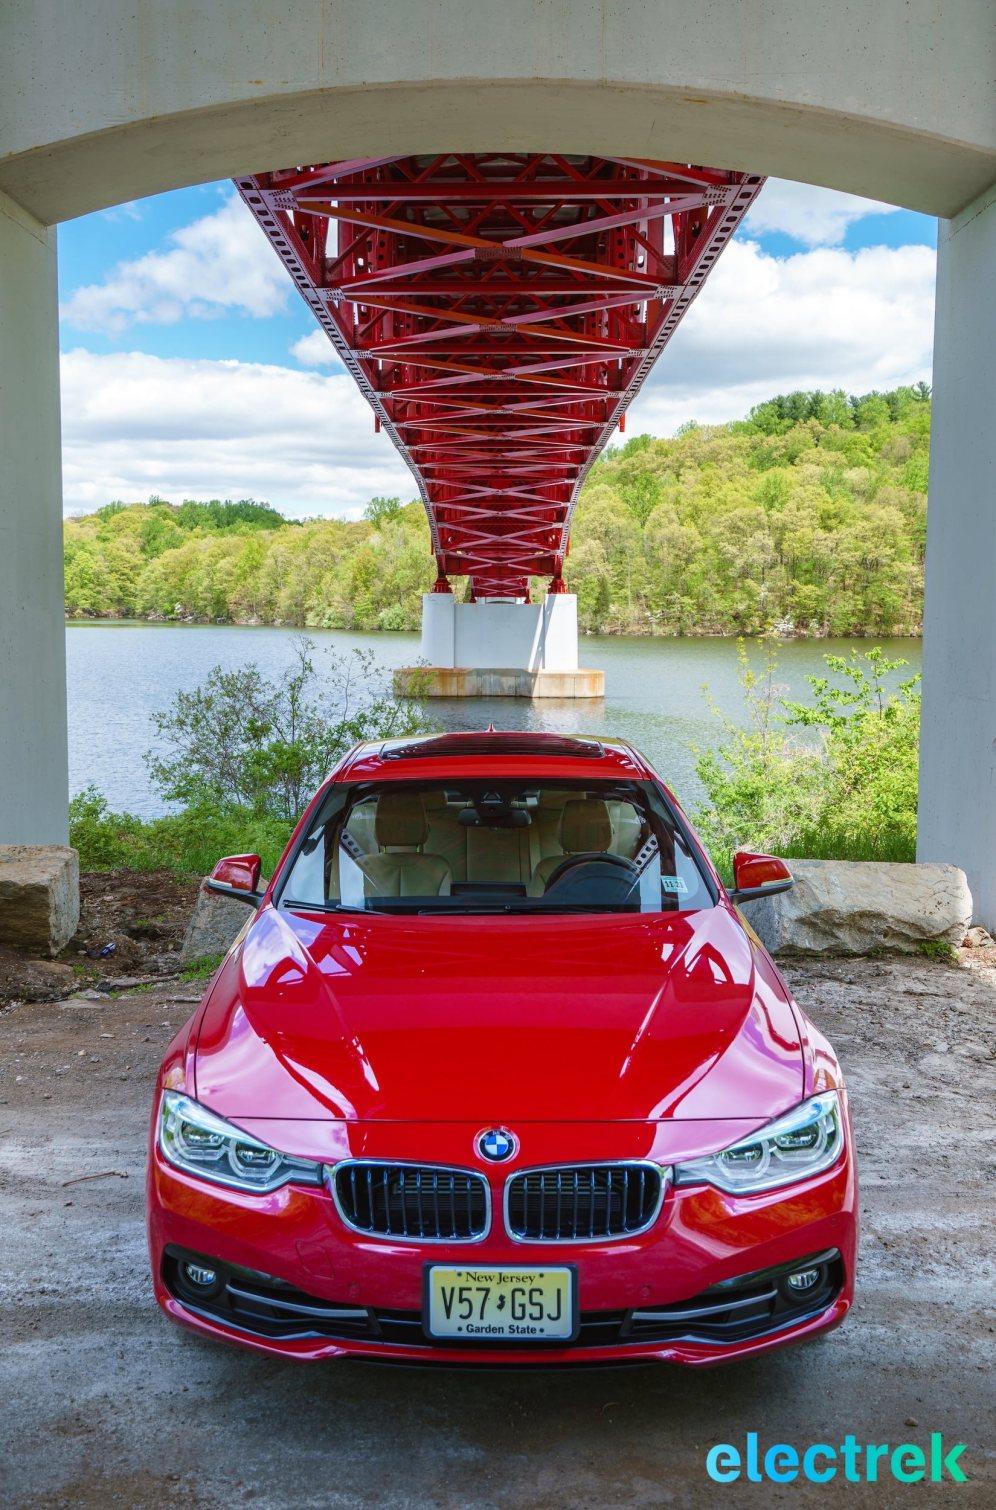 140 Croton Reservoir Pump house Electrek BMW 330e Hybrid 3 series sports sedan review